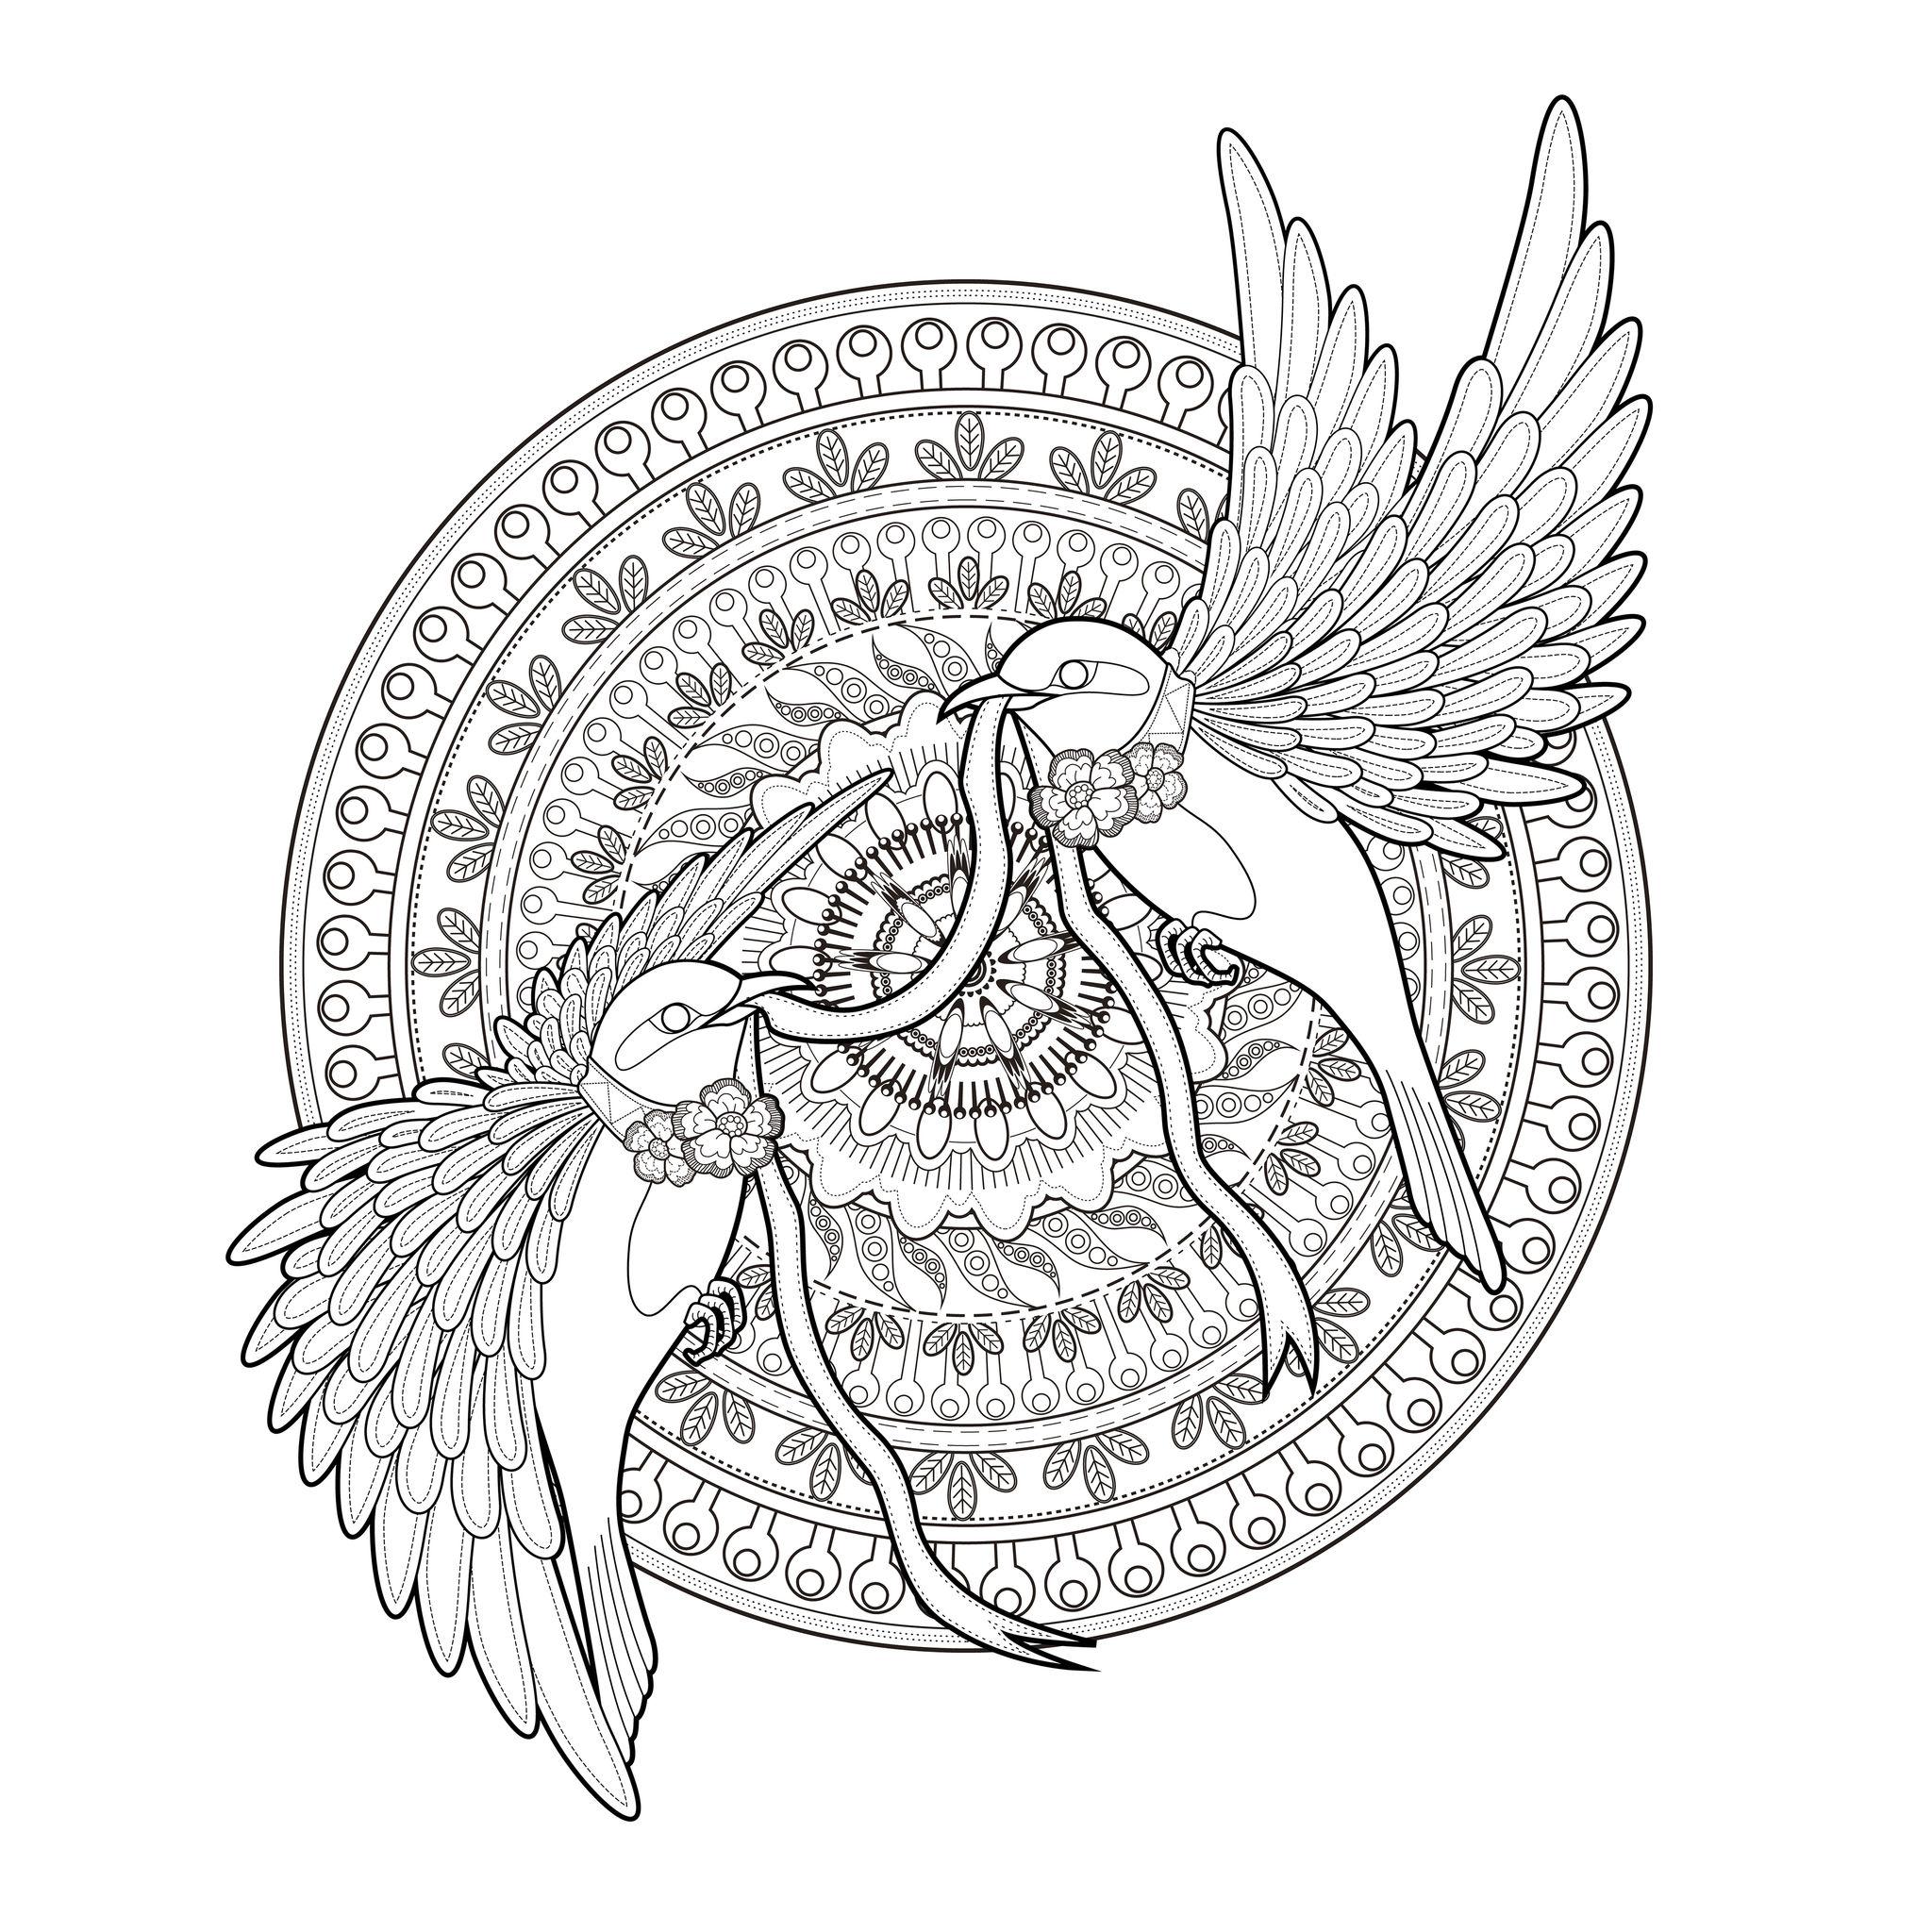 Mandala Deux Hirondelles Et Un Ruban - Mandalas à Coloriage Coloriage